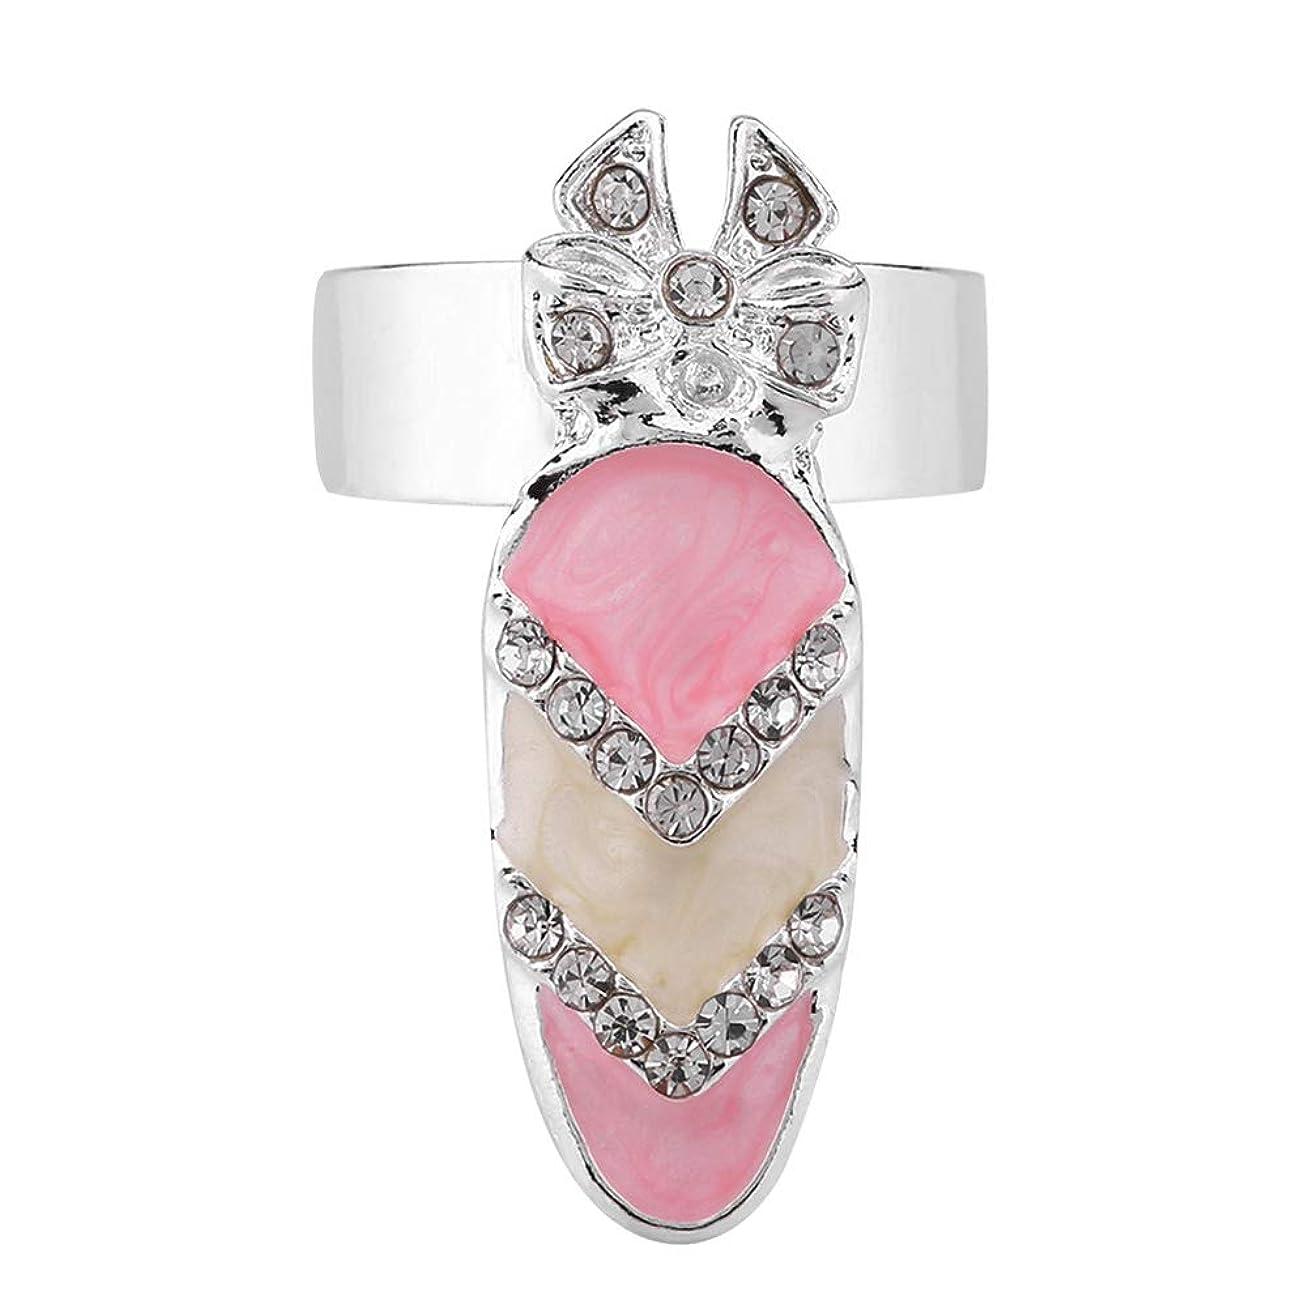 数字泥だらけ過言Semmeちょう結びのナックルの釘のリング、指の釘の指輪6種類のちょう結びの水晶指の釘の芸術のリングの女性の贅沢な指の釘のリングの方法ちょう結びの釘の釘のリングの装飾(5#)